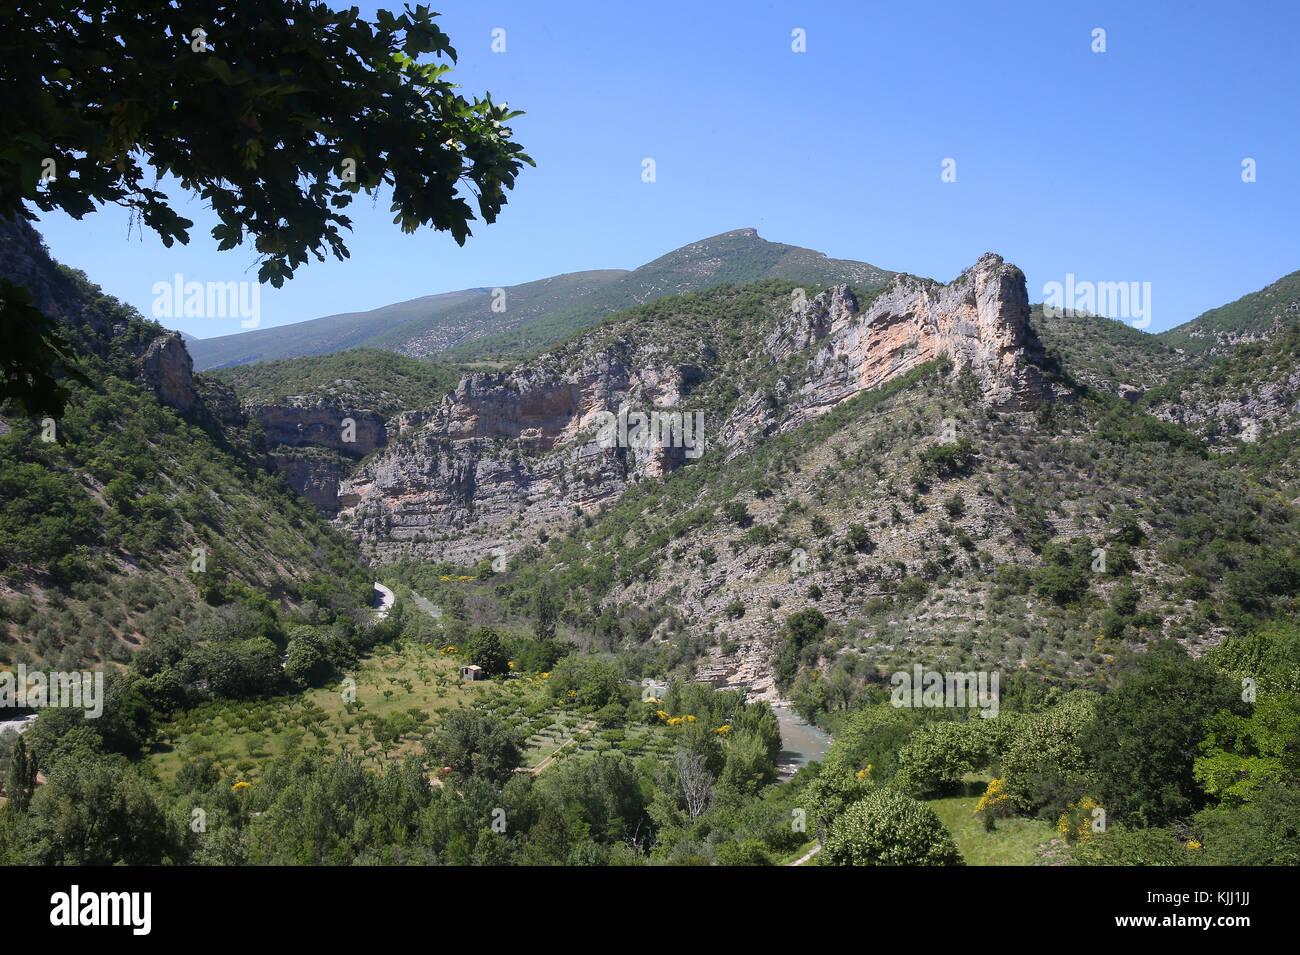 Blick vom Berg ins Tal in der Nähe von remuzat. Frankreich. Stockbild